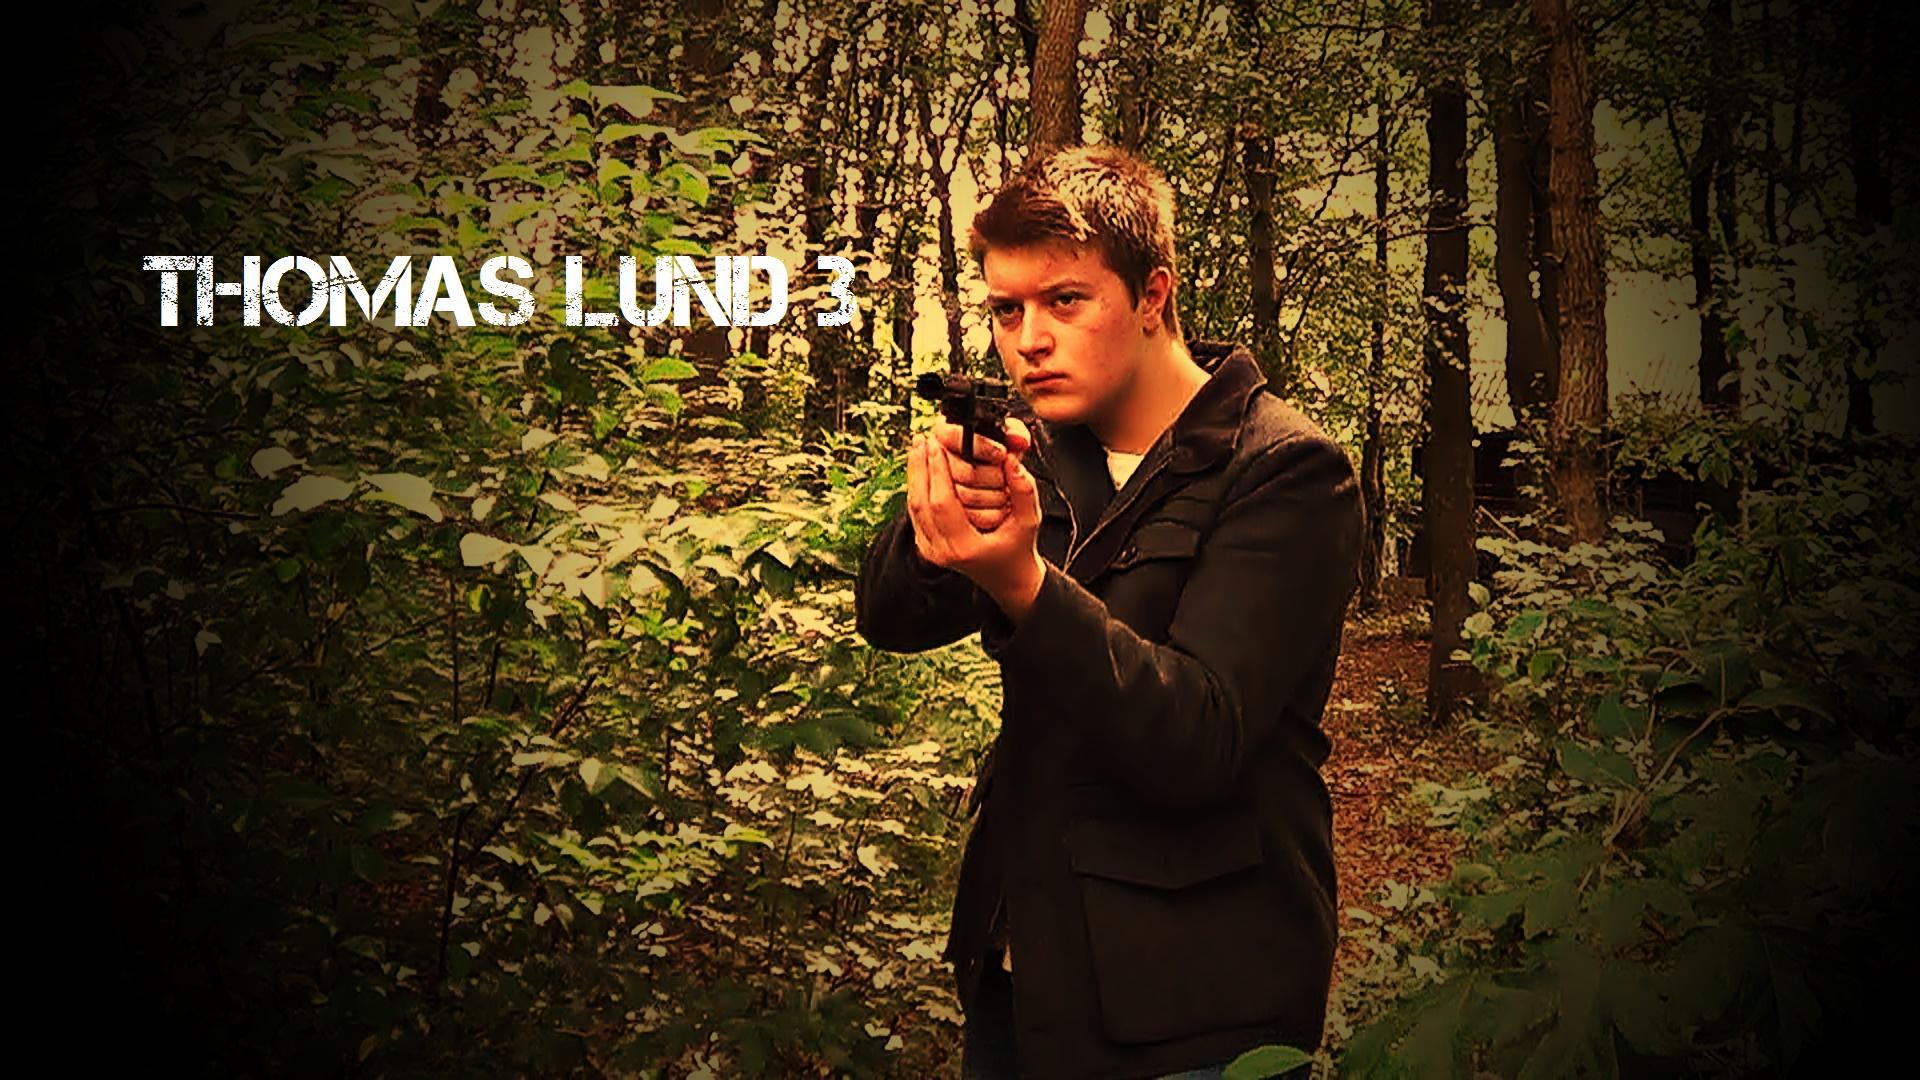 Thomas Lund 3